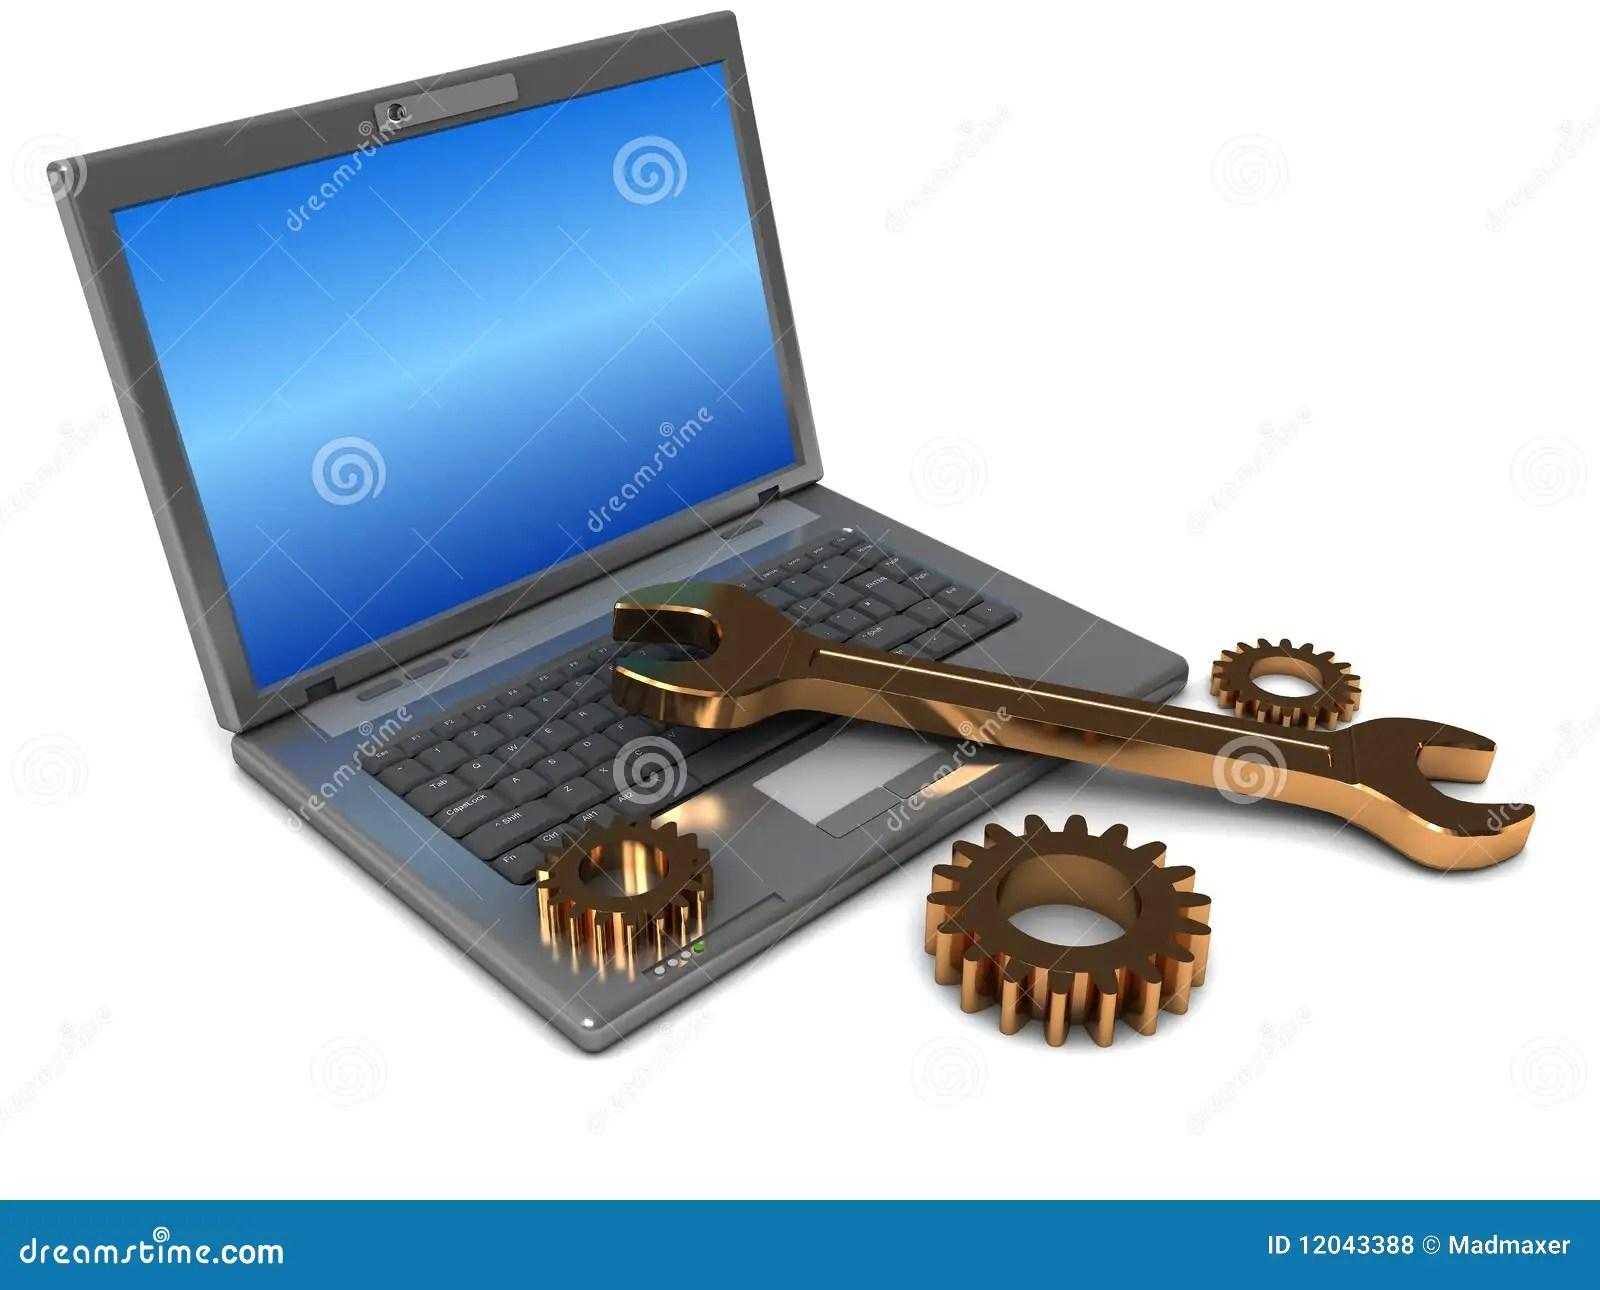 sửa máy tính tại nhà quận 1 TP.HCM uy tín, giá cả hợp lý